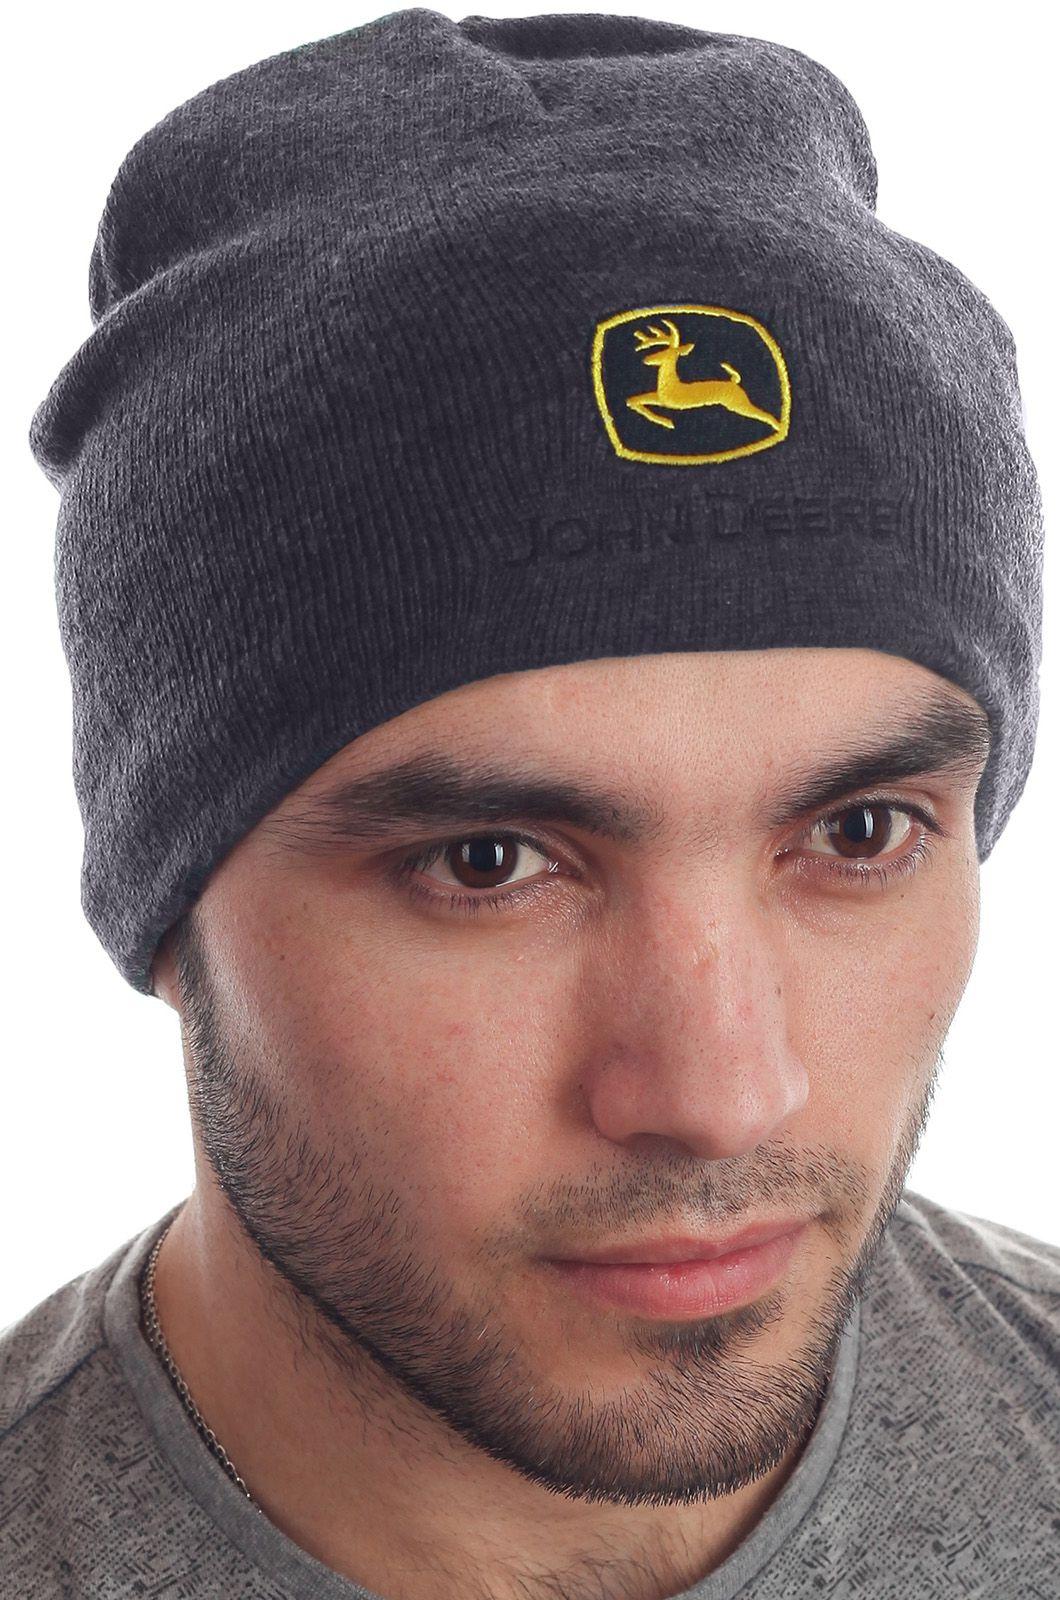 Суперстильная шапка фанатам зимнего спорта утепленная флисом